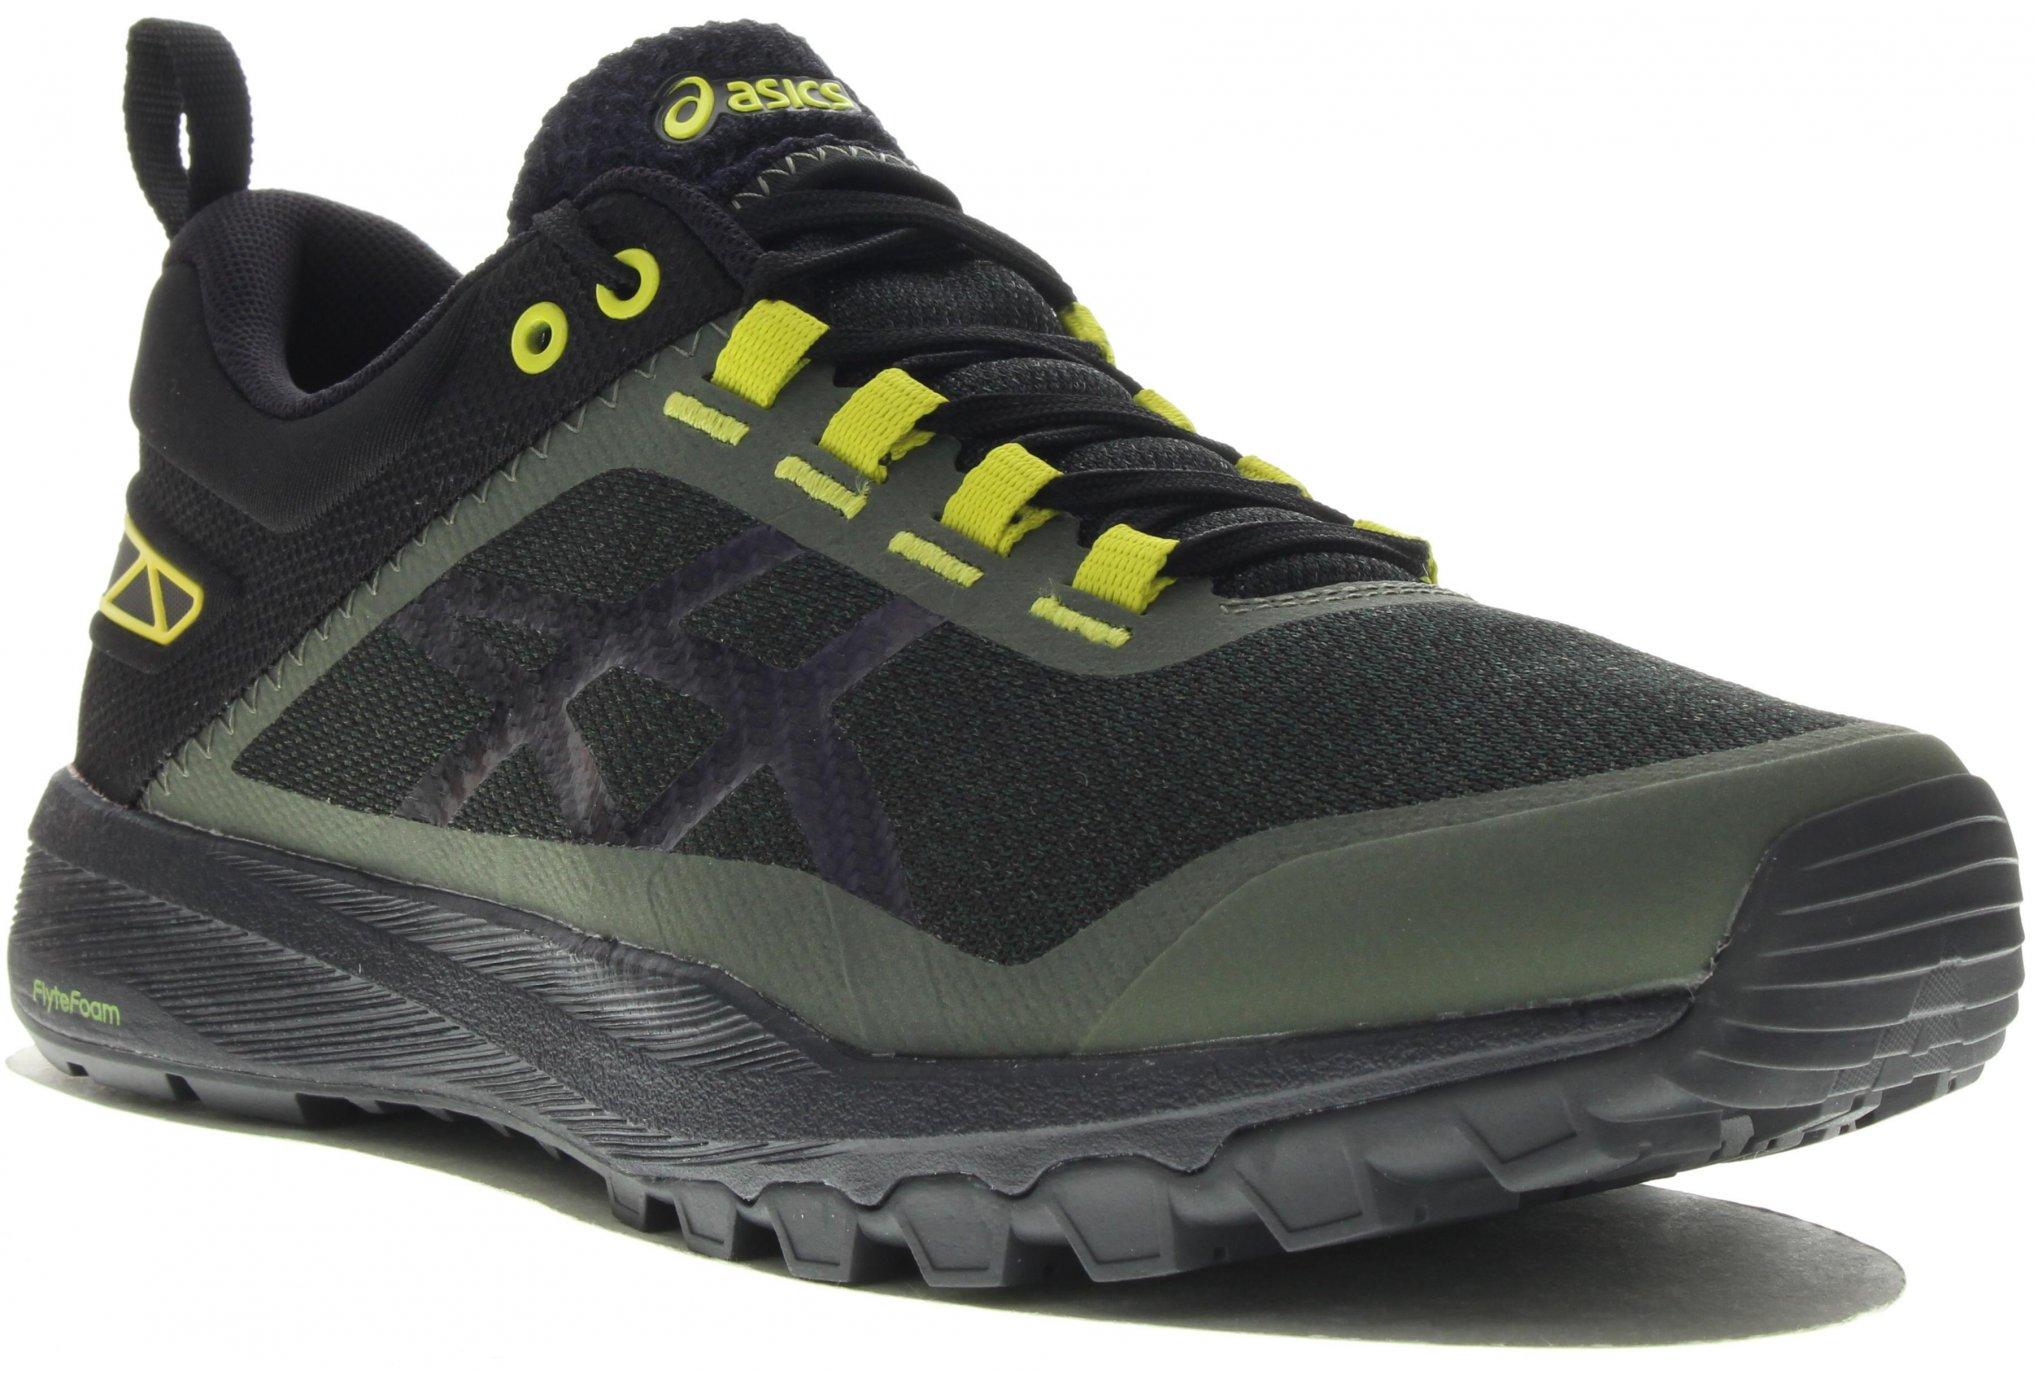 Asics Gecko XT W Chaussures running femme